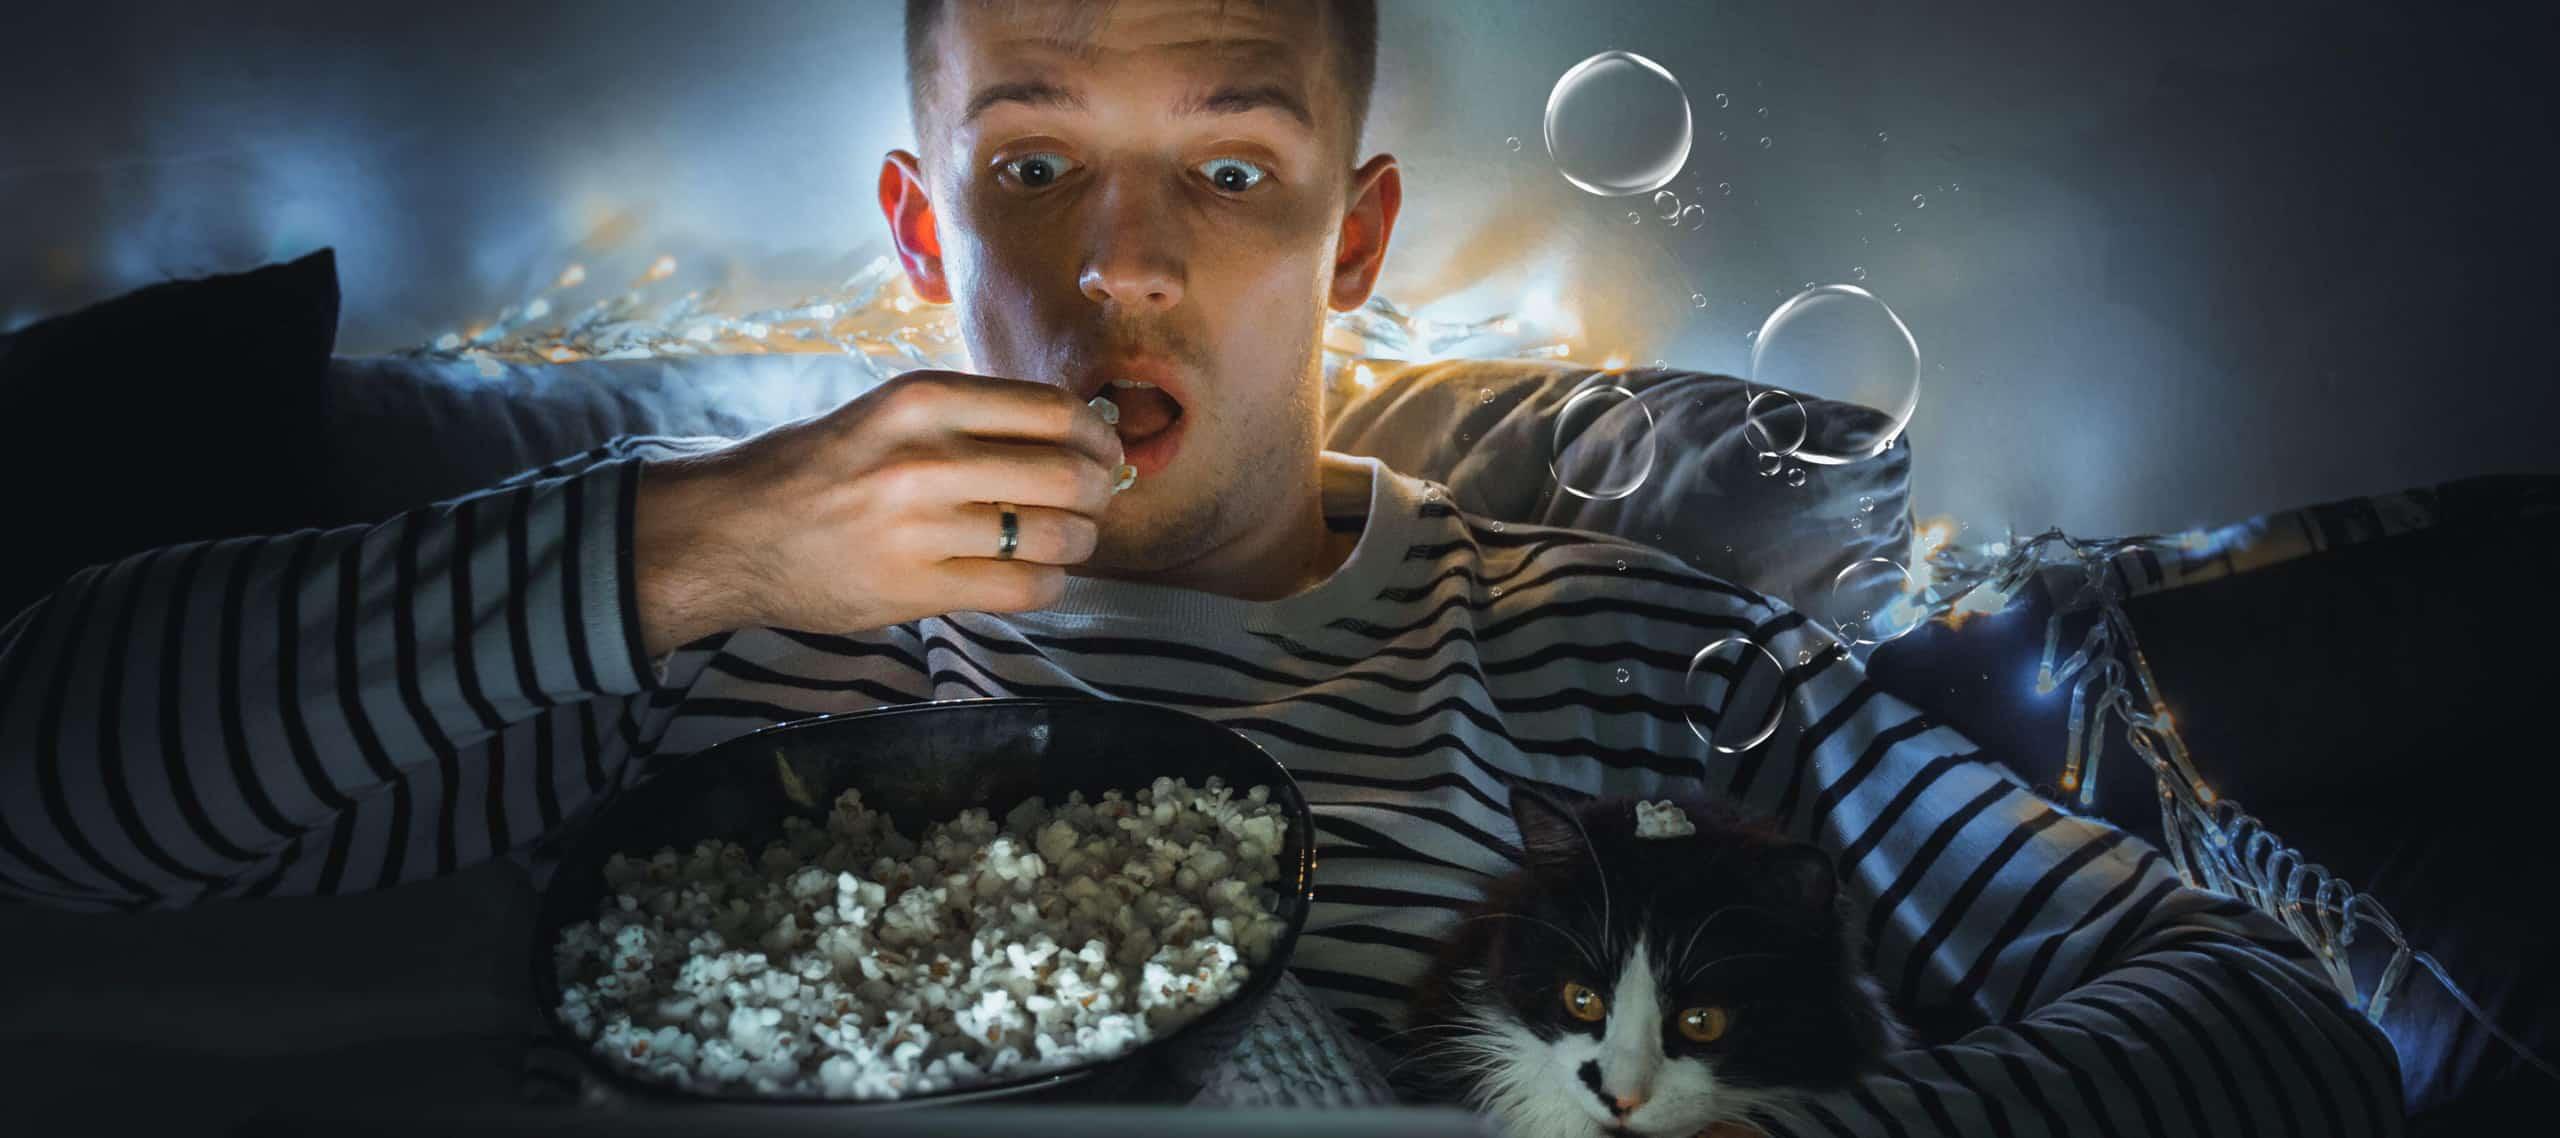 Warum lieben es die Menschen sich bei einem Horrorfilm zu gruseln